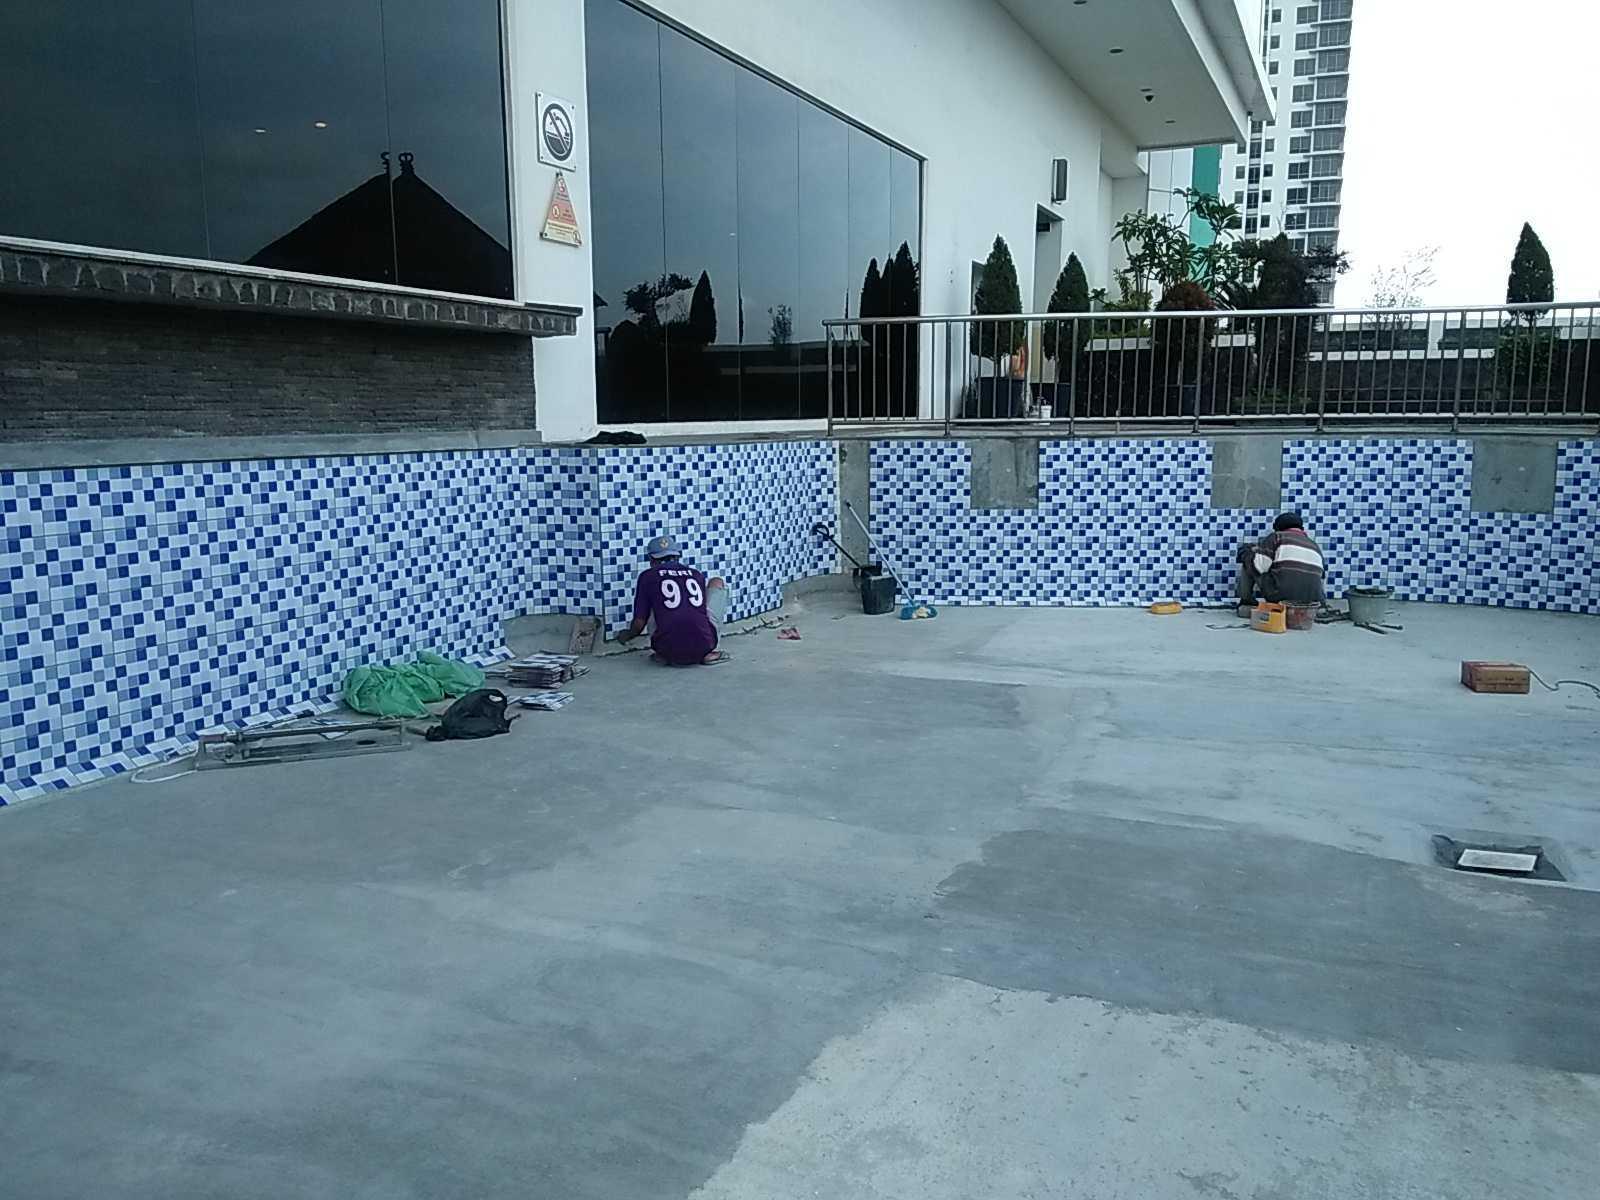 Rifera Building Kolam Renang Hotel Jl. Gajah Mada No.188, Rt.3/rw.5, Glodok, Jakarta, Kota Jakarta Barat, Daerah Khusus Ibukota Jakarta 11120, Indonesia Jl. Gajah Mada No.188, Rt.3/rw.5, Glodok, Jakarta, Kota Jakarta Barat, Daerah Khusus Ibukota Jakarta 11120, Indonesia Rifera-Building-Kolam-Renang-Hotel   104387